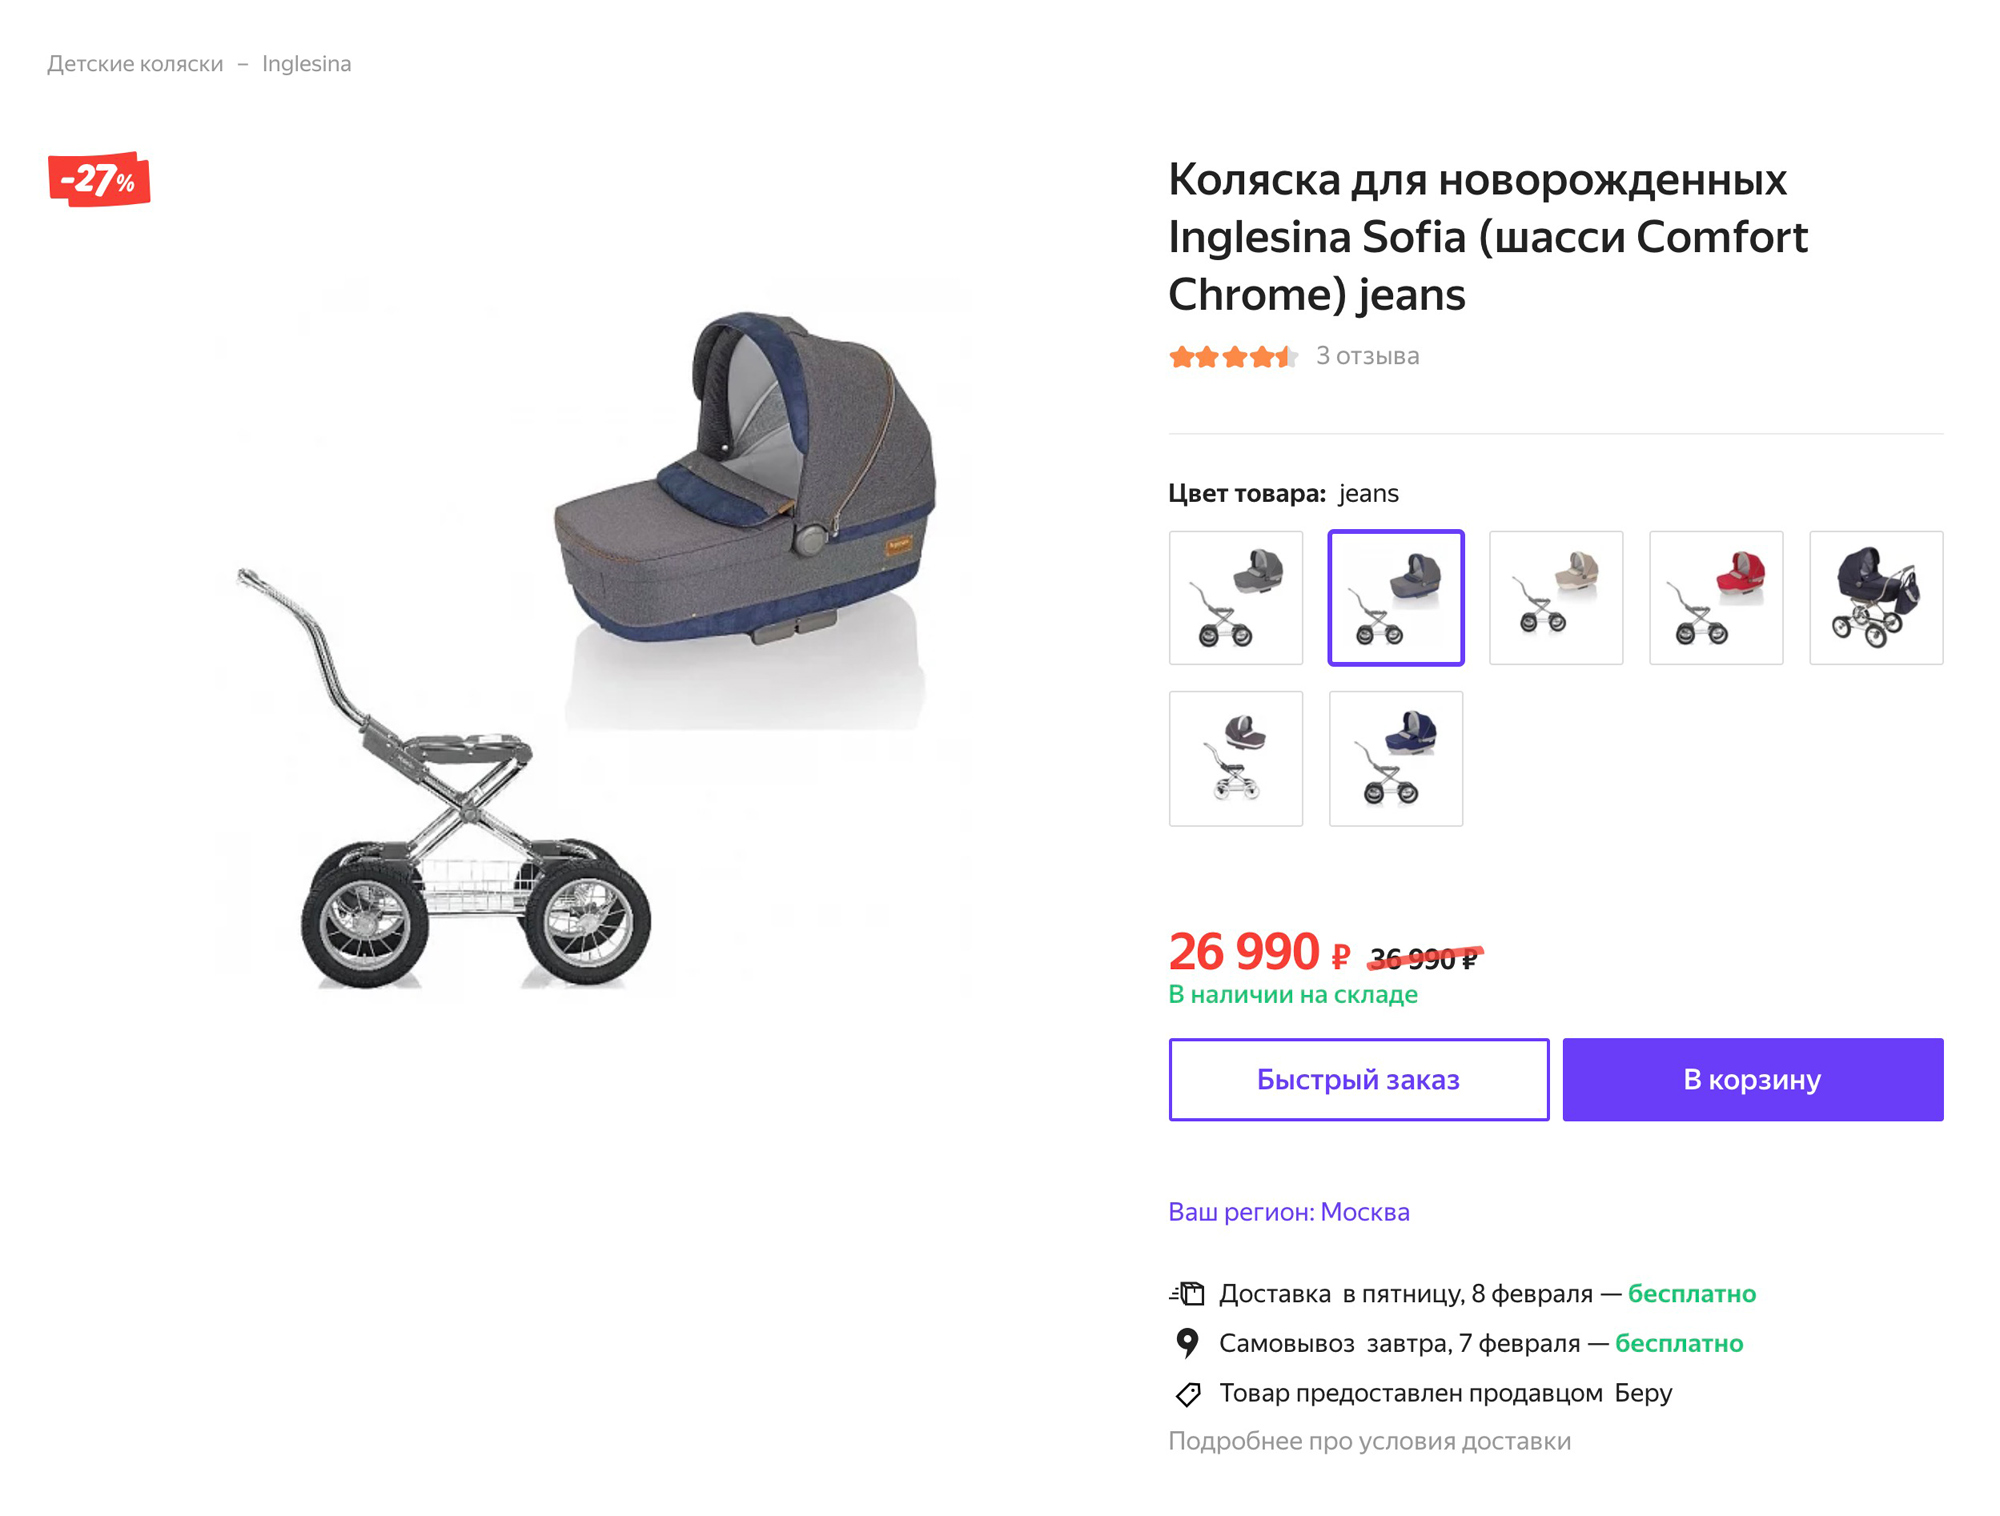 """Другую коляску в том же разделе сайта продает уже сам «Беру», то есть «Яндекс-маркет». Но если не присматриваться, покупателю не понять разницы. Кстати, когда при названии есть родовое слово («продавец»), то нужно всегда ставить кавычки, даже если по правилам компании название магазина пишется без них. Яндекс, правильно так: «Товар предоставлен продавцом """"Беру""""»"""